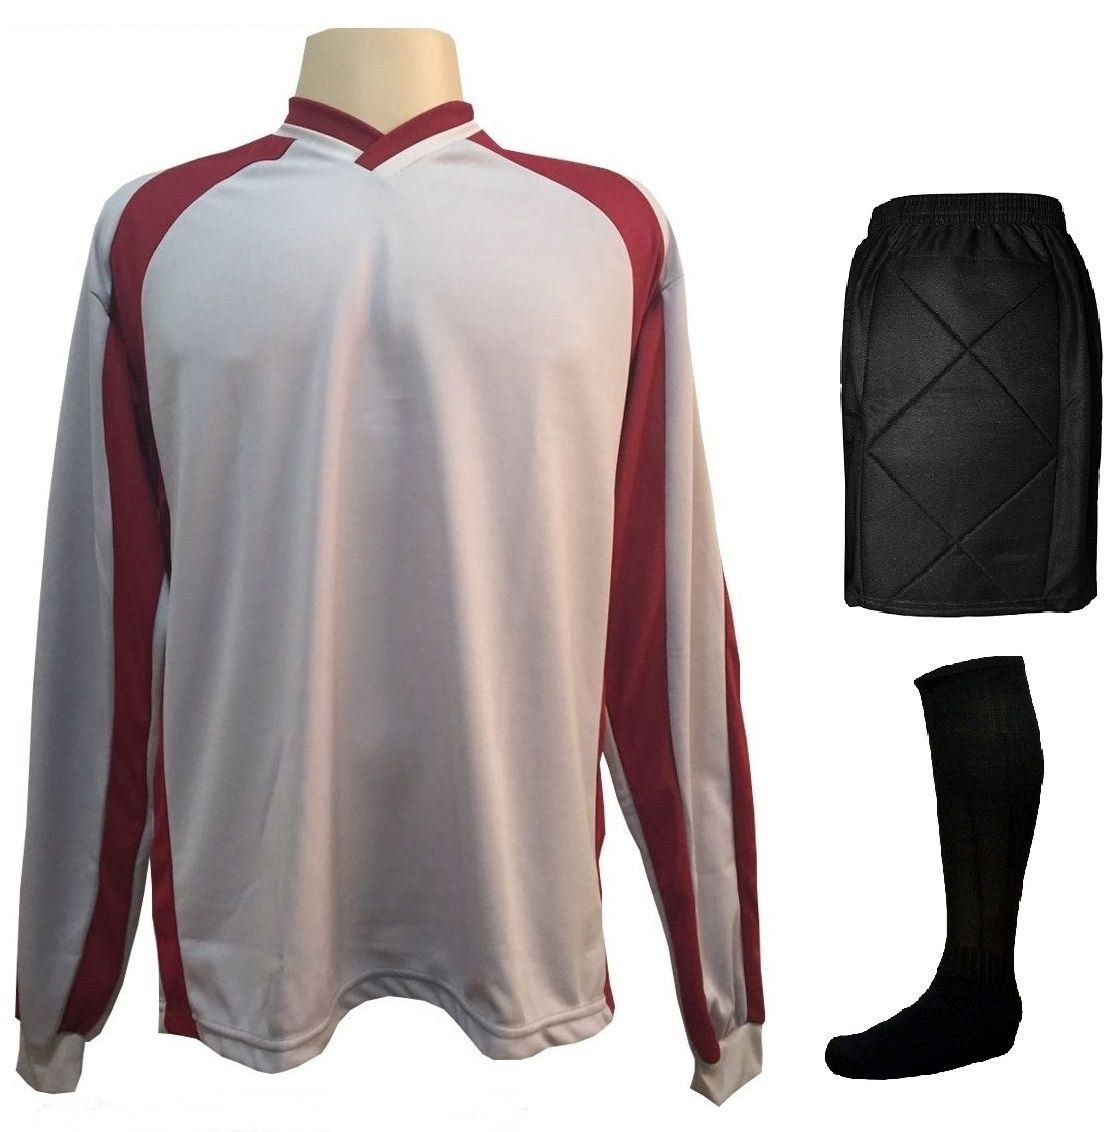 Uniforme Esportivo Completo modelo Suécia 14+1 (14 camisas Vinho/Branco + 14 calções Madrid Branco + 14 pares de meiões Brancos + 1 conjunto de goleiro) + Brindes